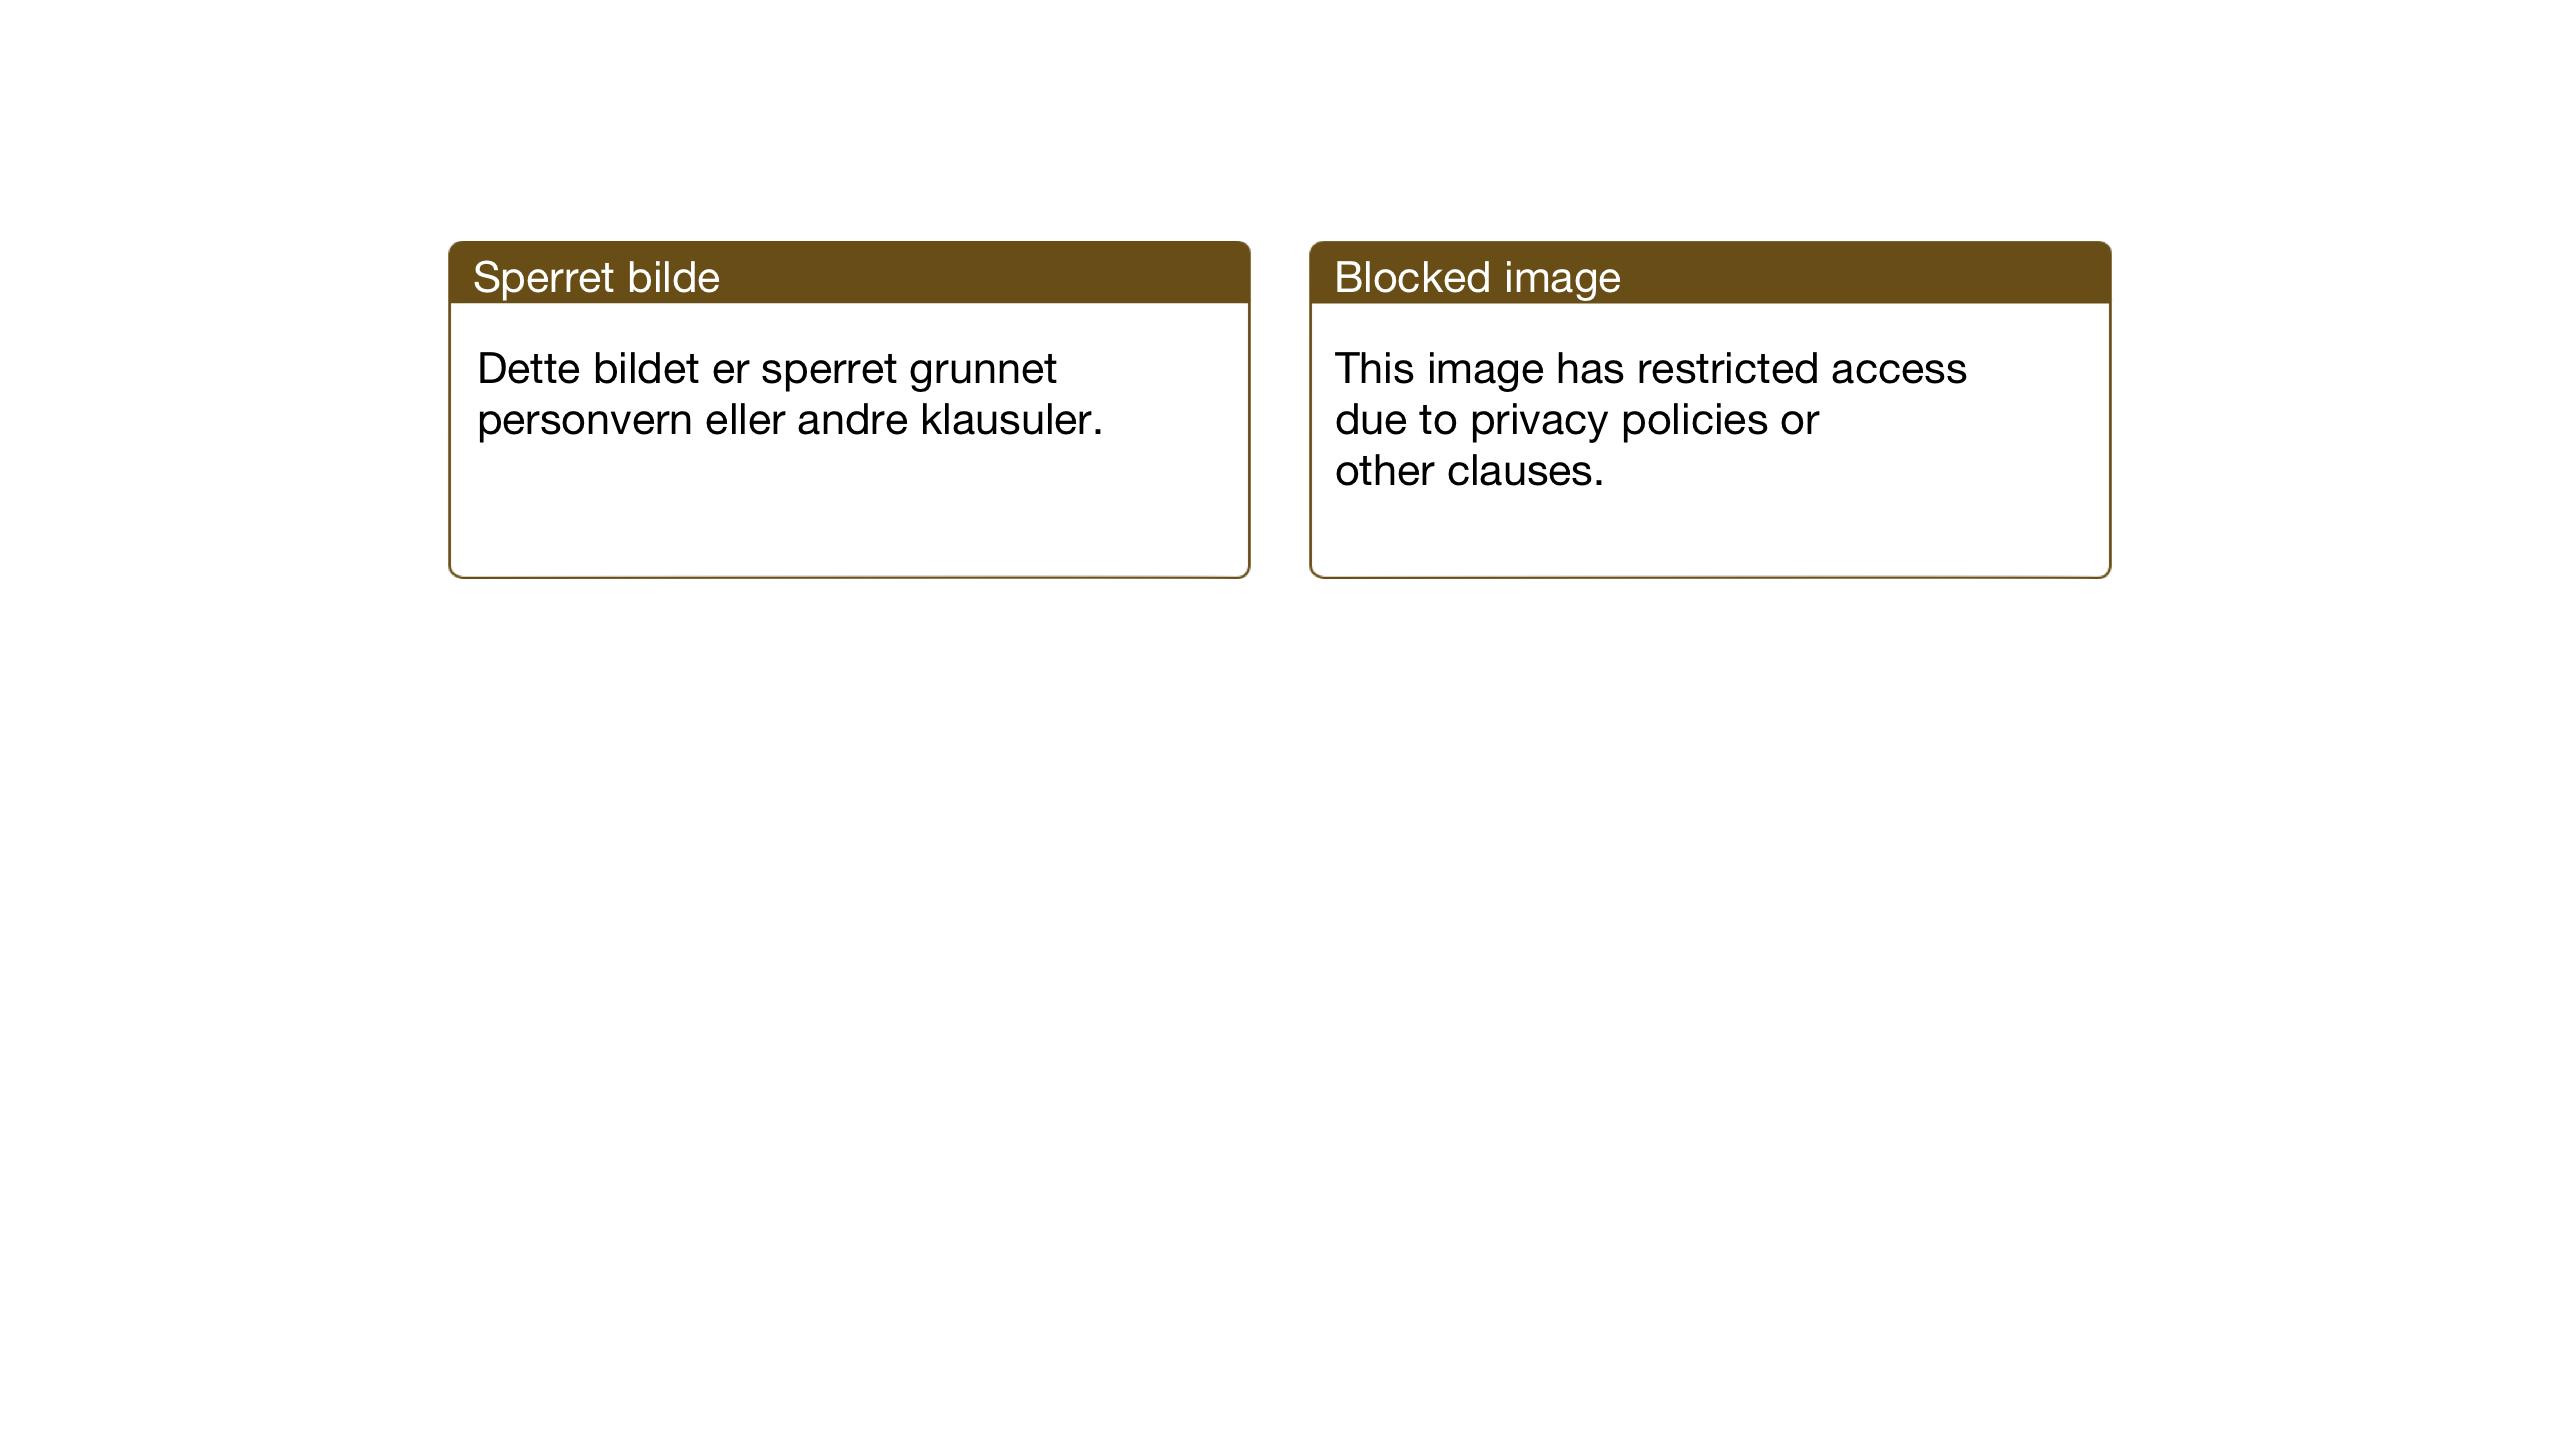 SAT, Ministerialprotokoller, klokkerbøker og fødselsregistre - Sør-Trøndelag, 633/L0521: Klokkerbok nr. 633C03, 1921-1941, s. 69